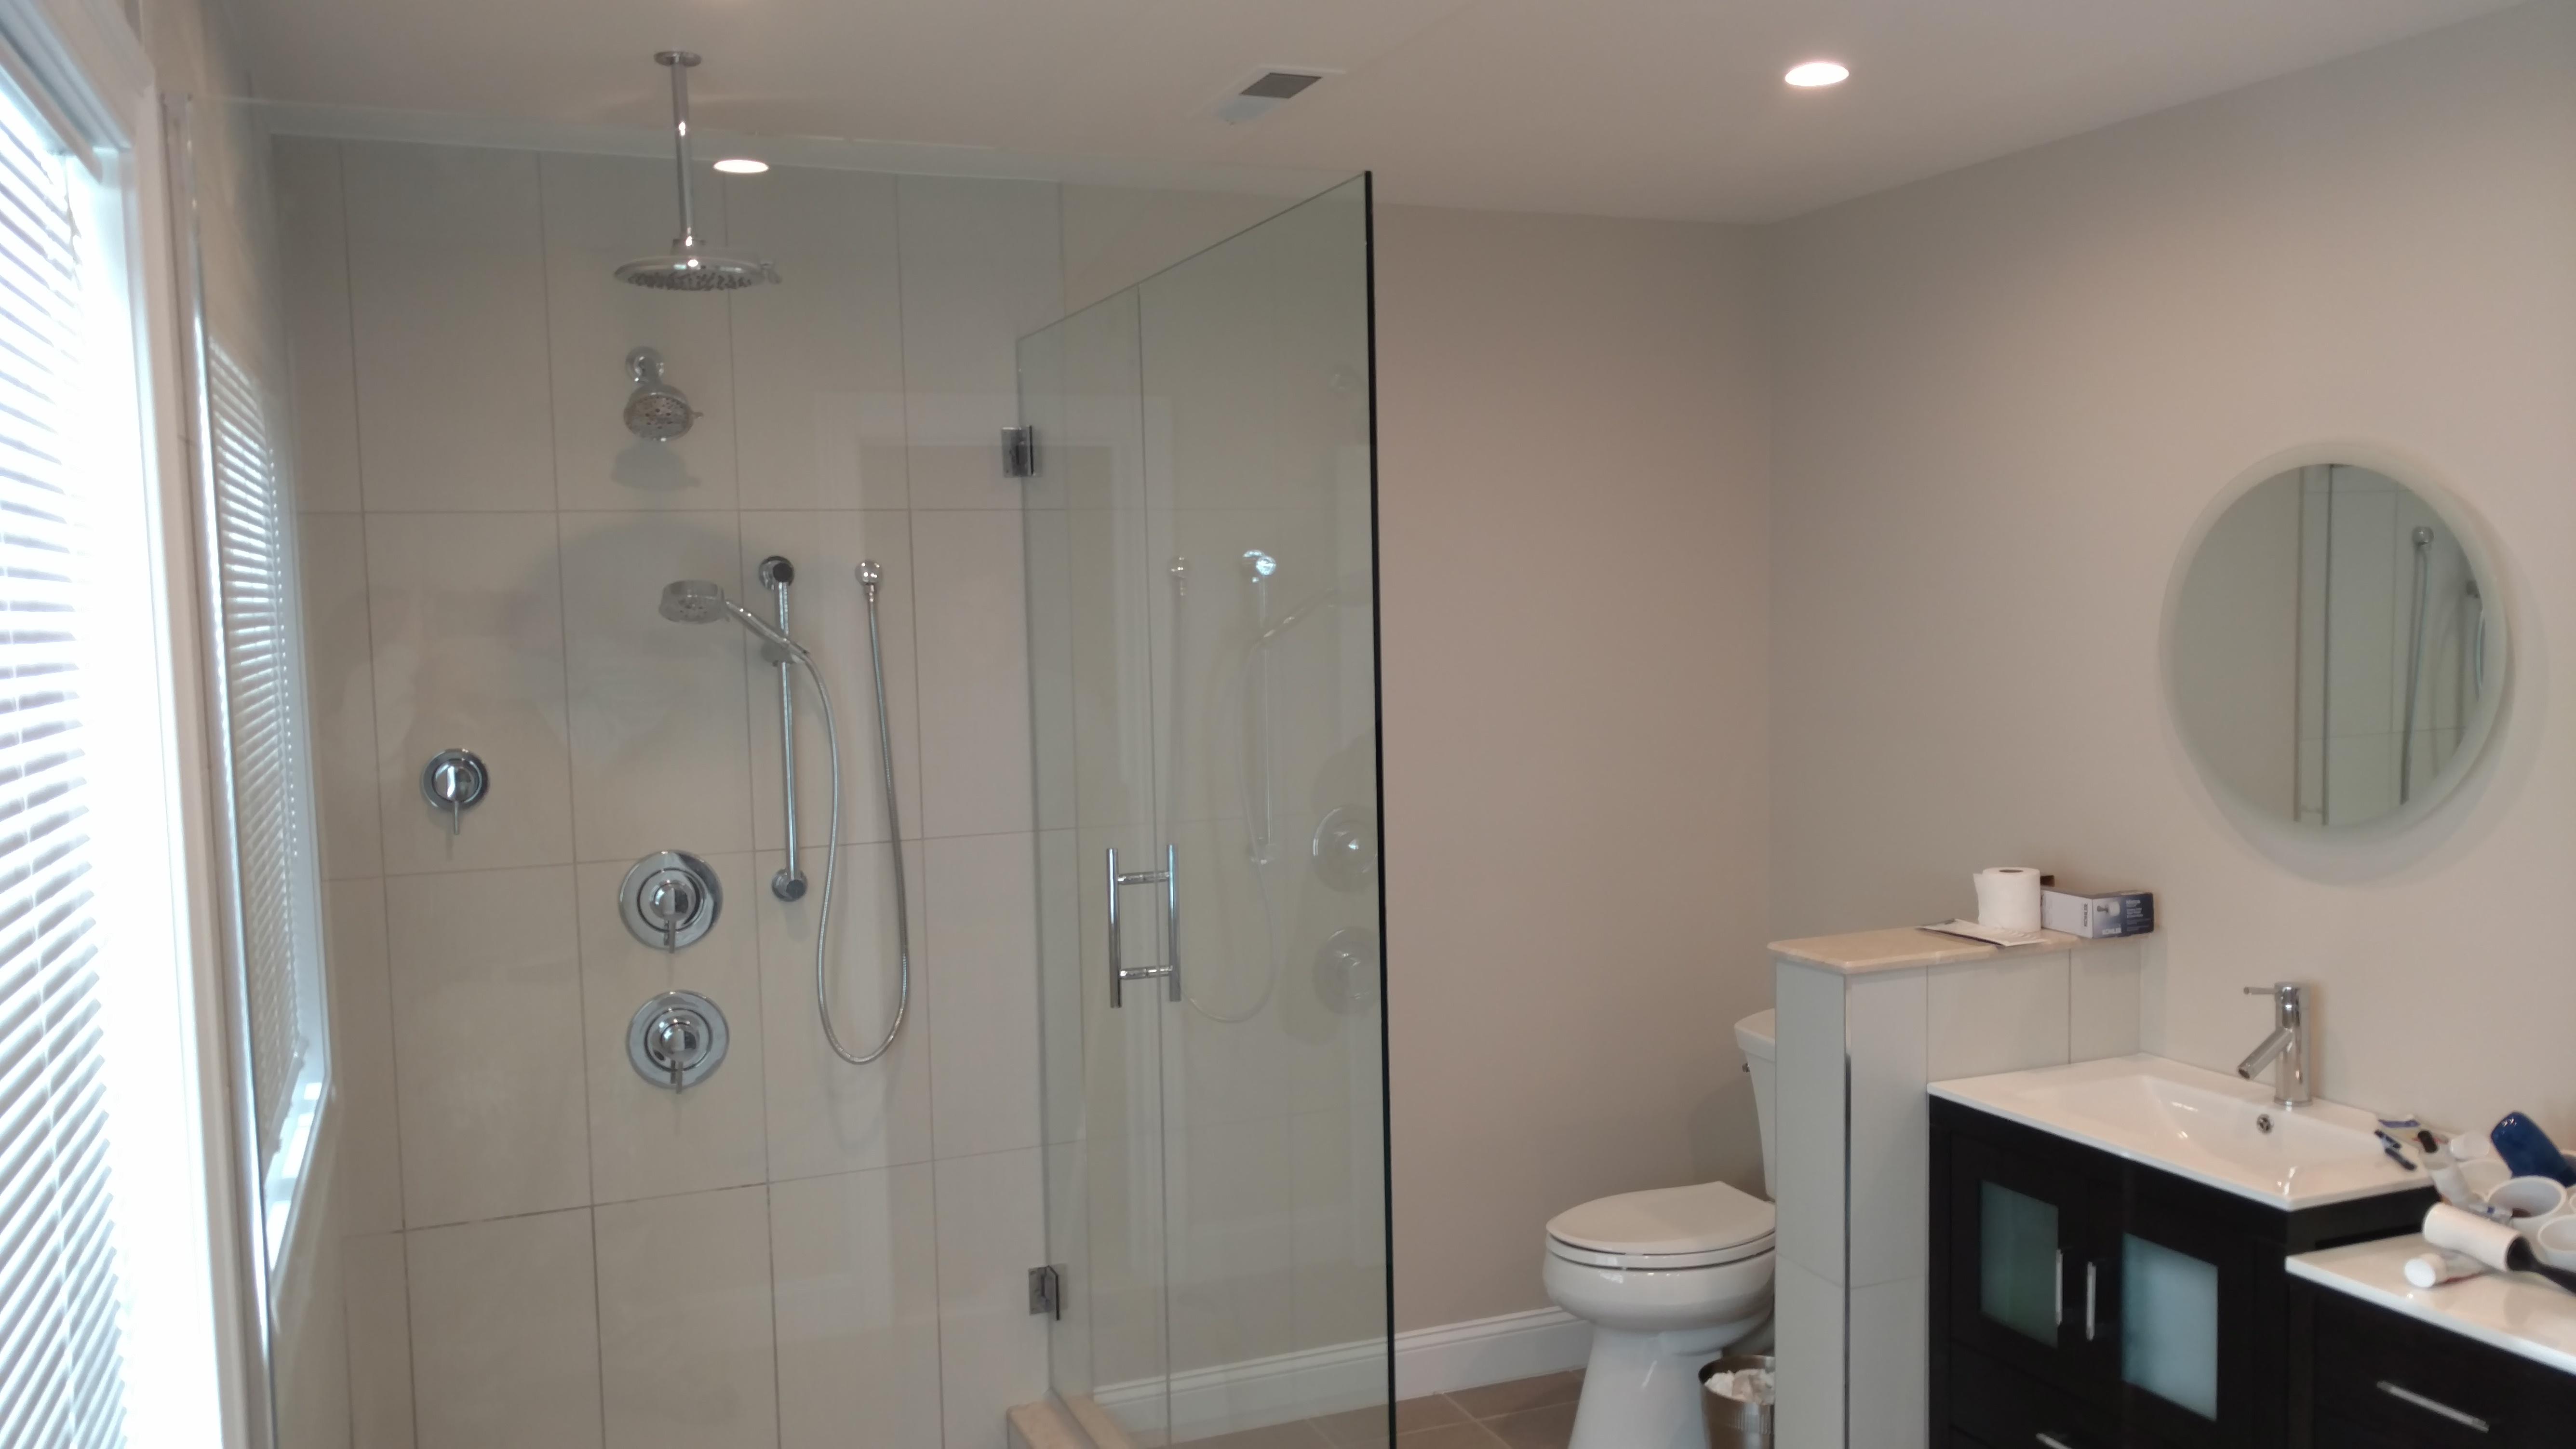 bathroom remodeling Wolcott CT | Alan Dinsmoor Contracting